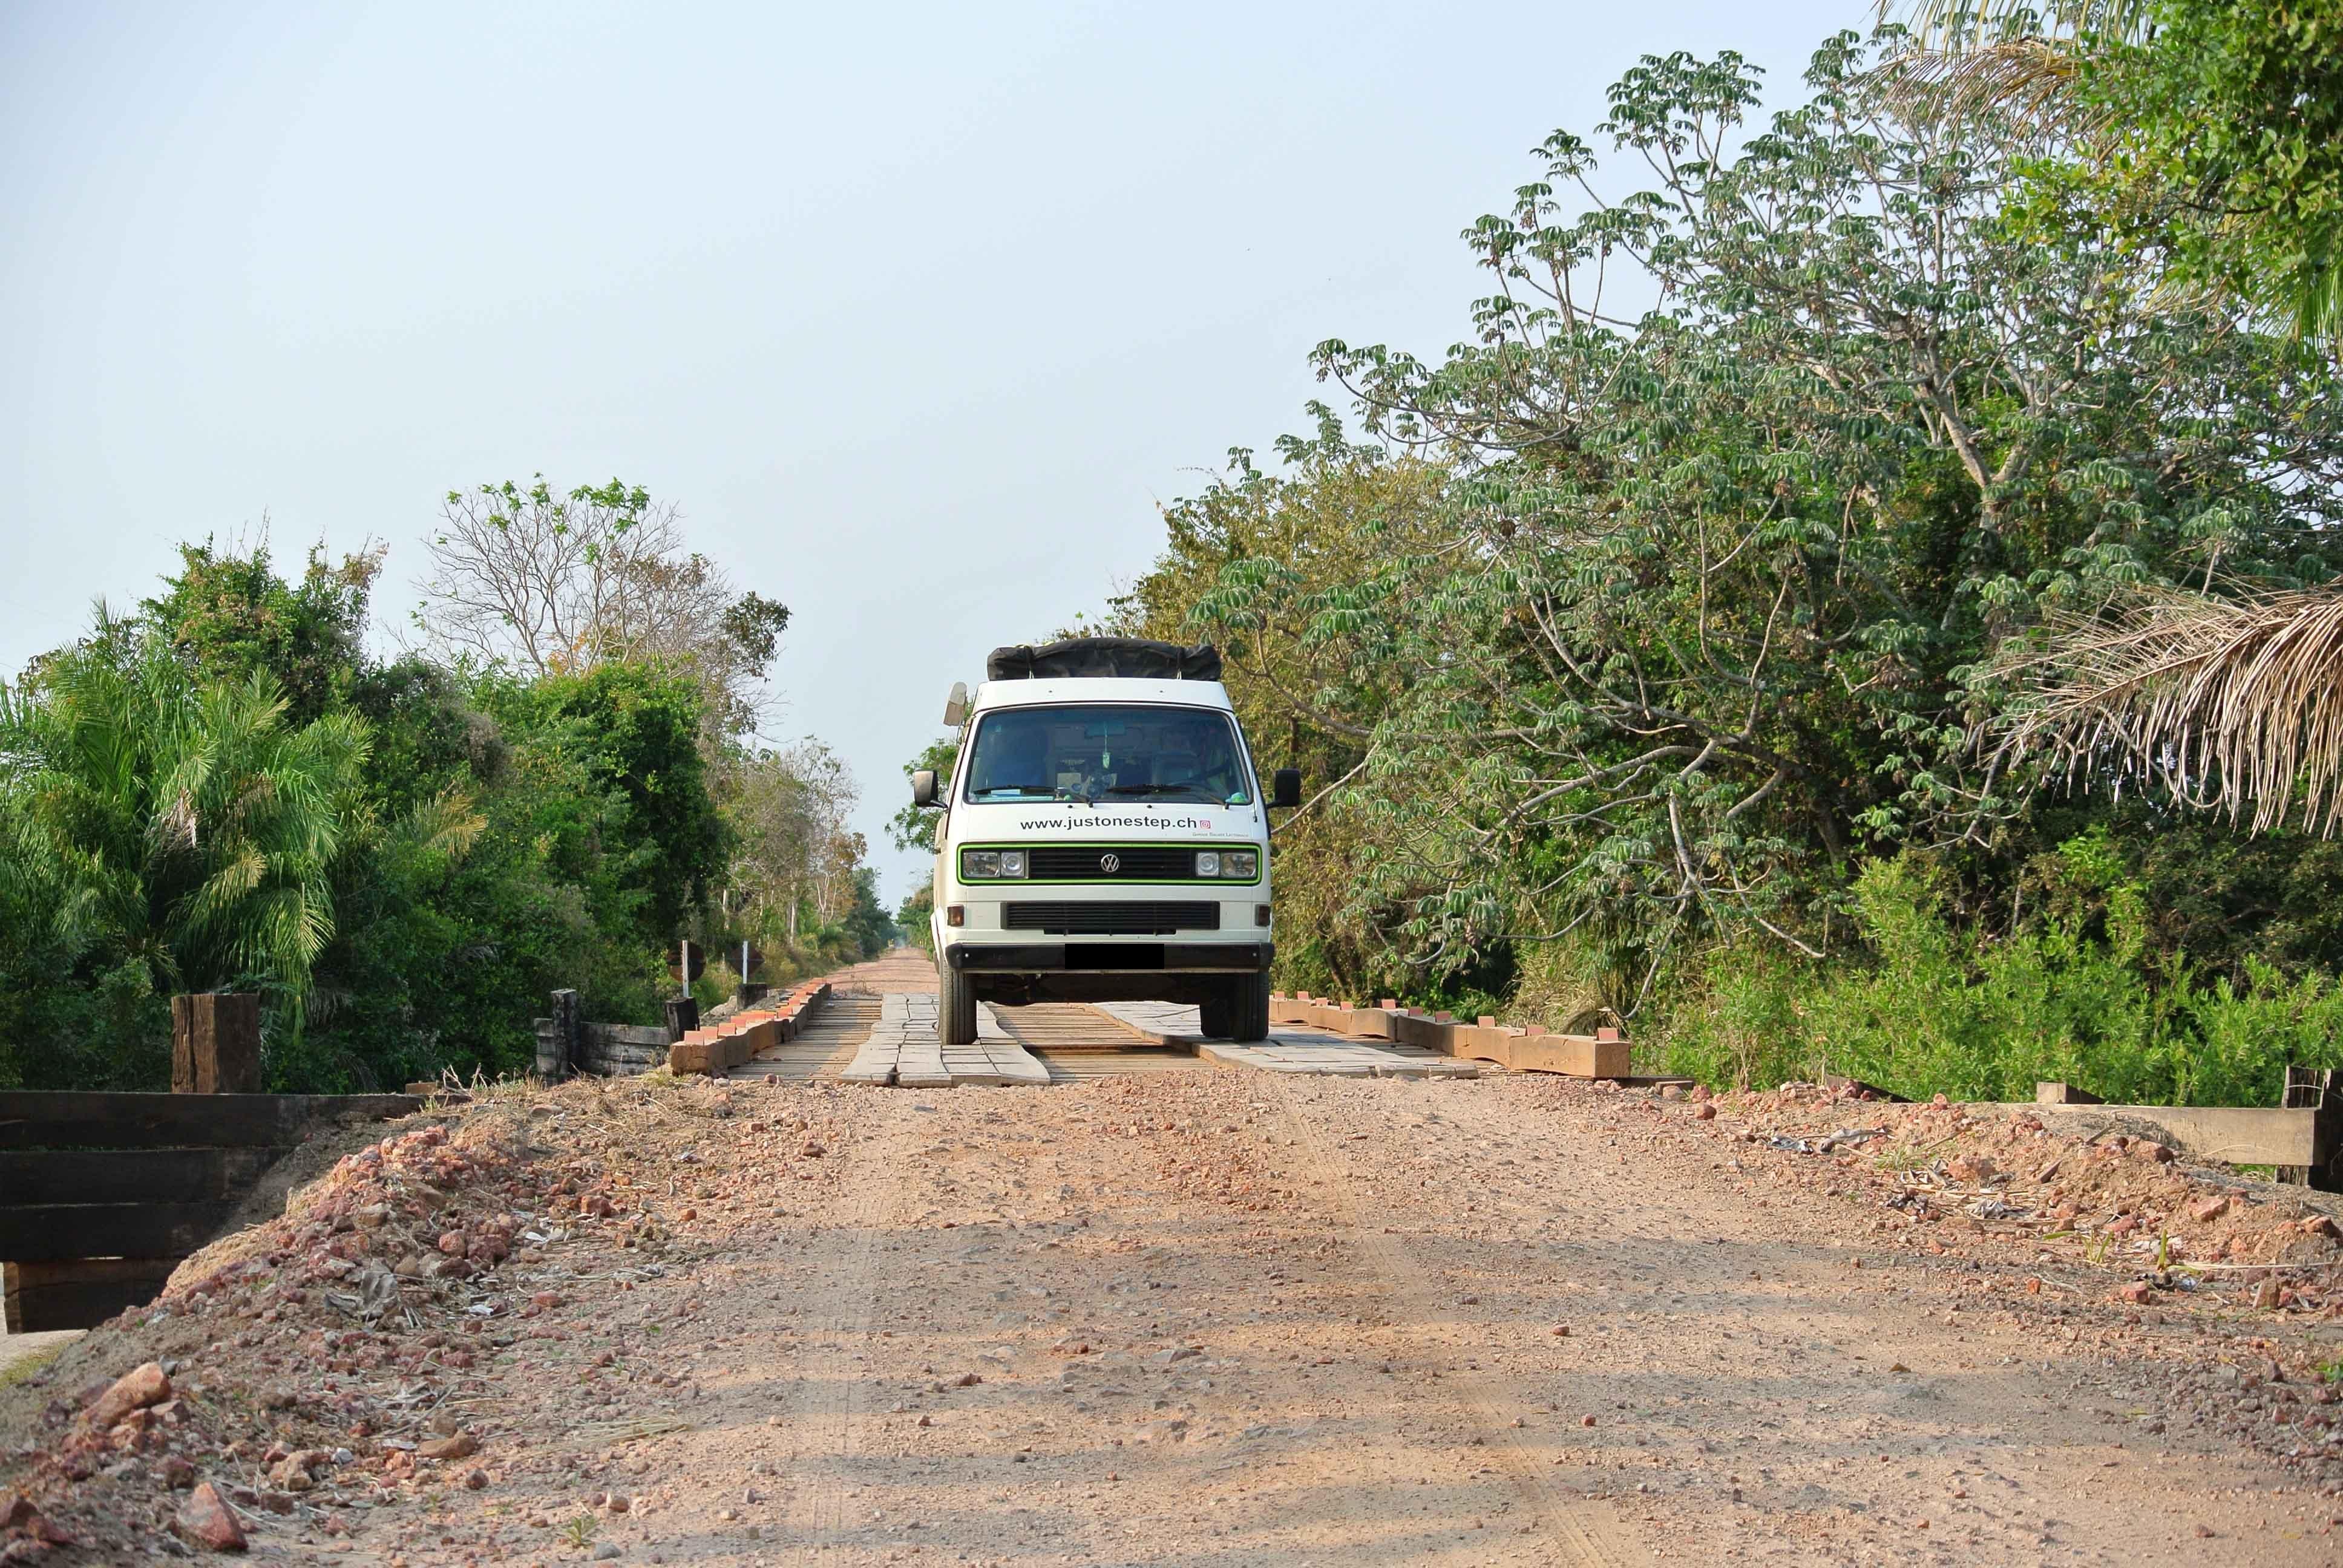 037 2409 Pantanal - Passo do Lontra - Corumba 24JPG